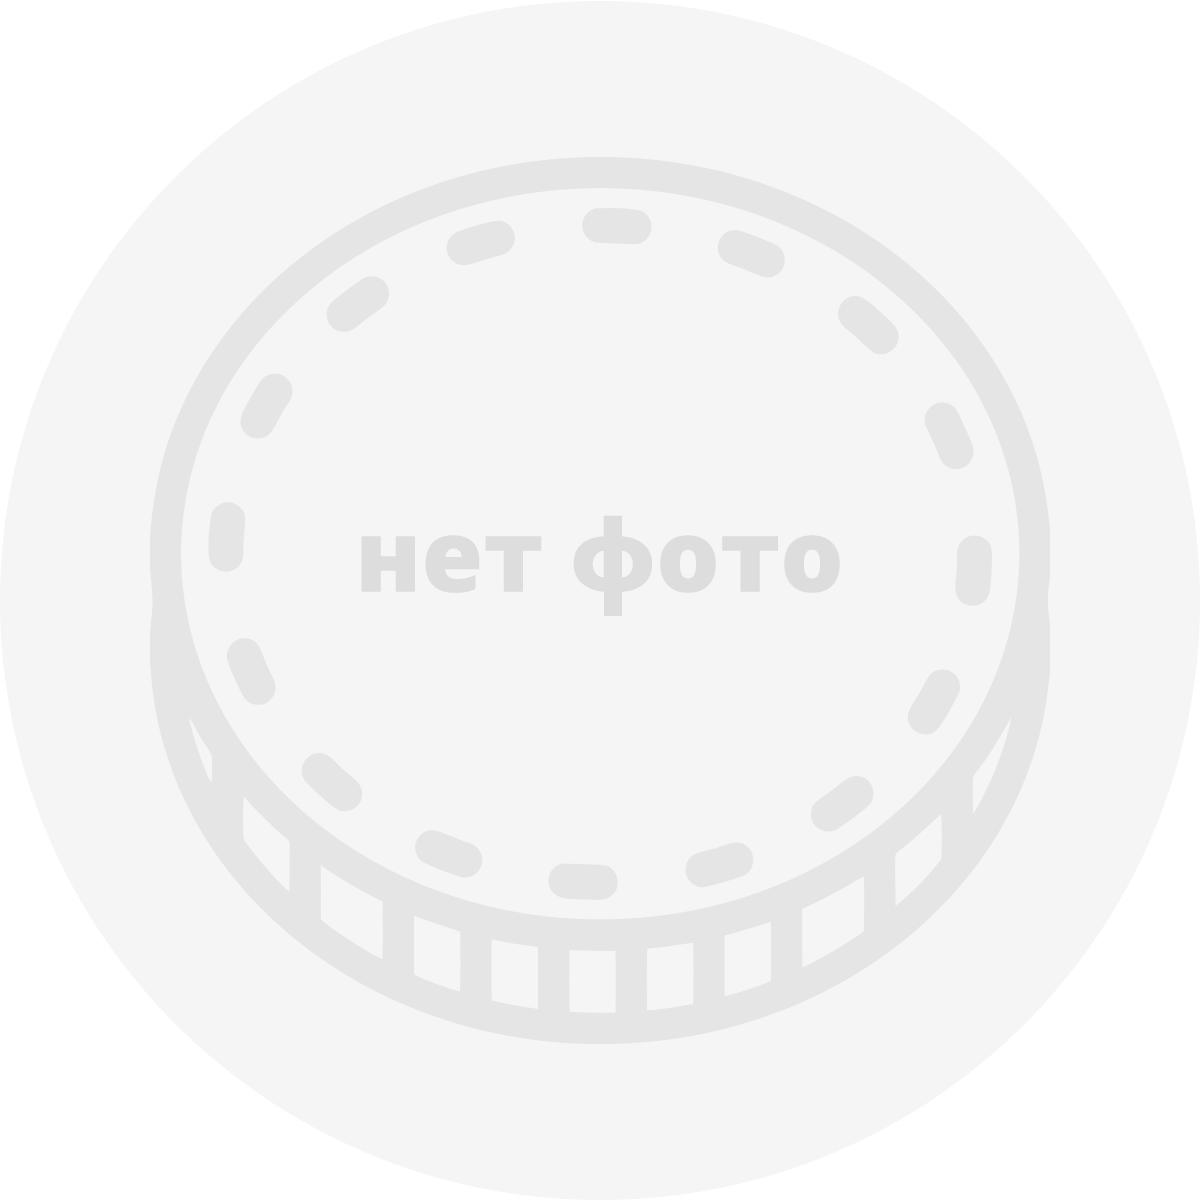 ЧСФР, 10 гелеров (1991 г.)